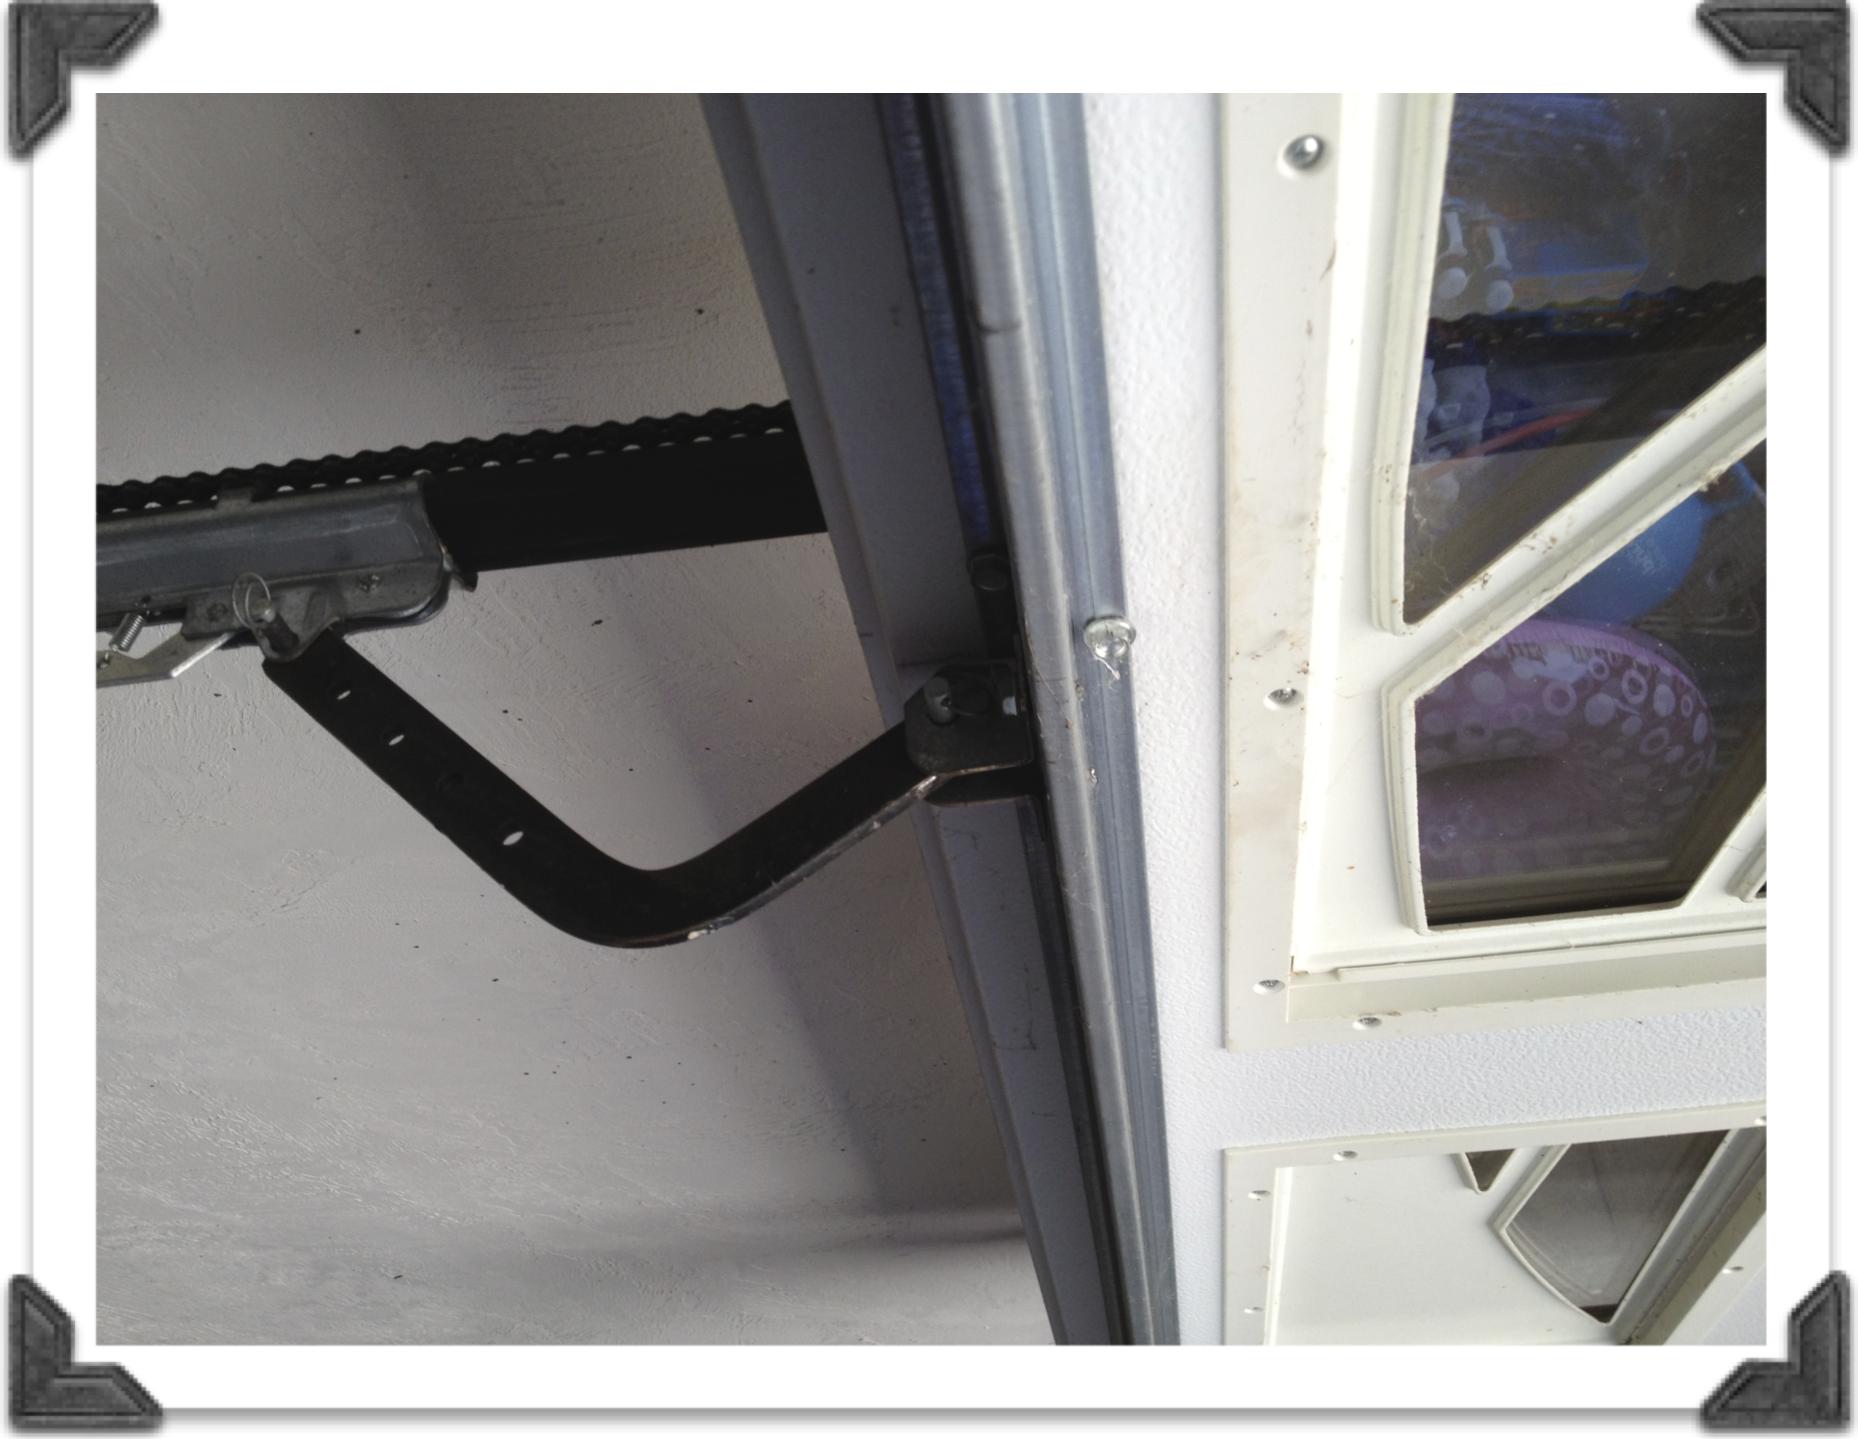 Genial Garage Door Support Arm.png 1,858×1,439 Pixels